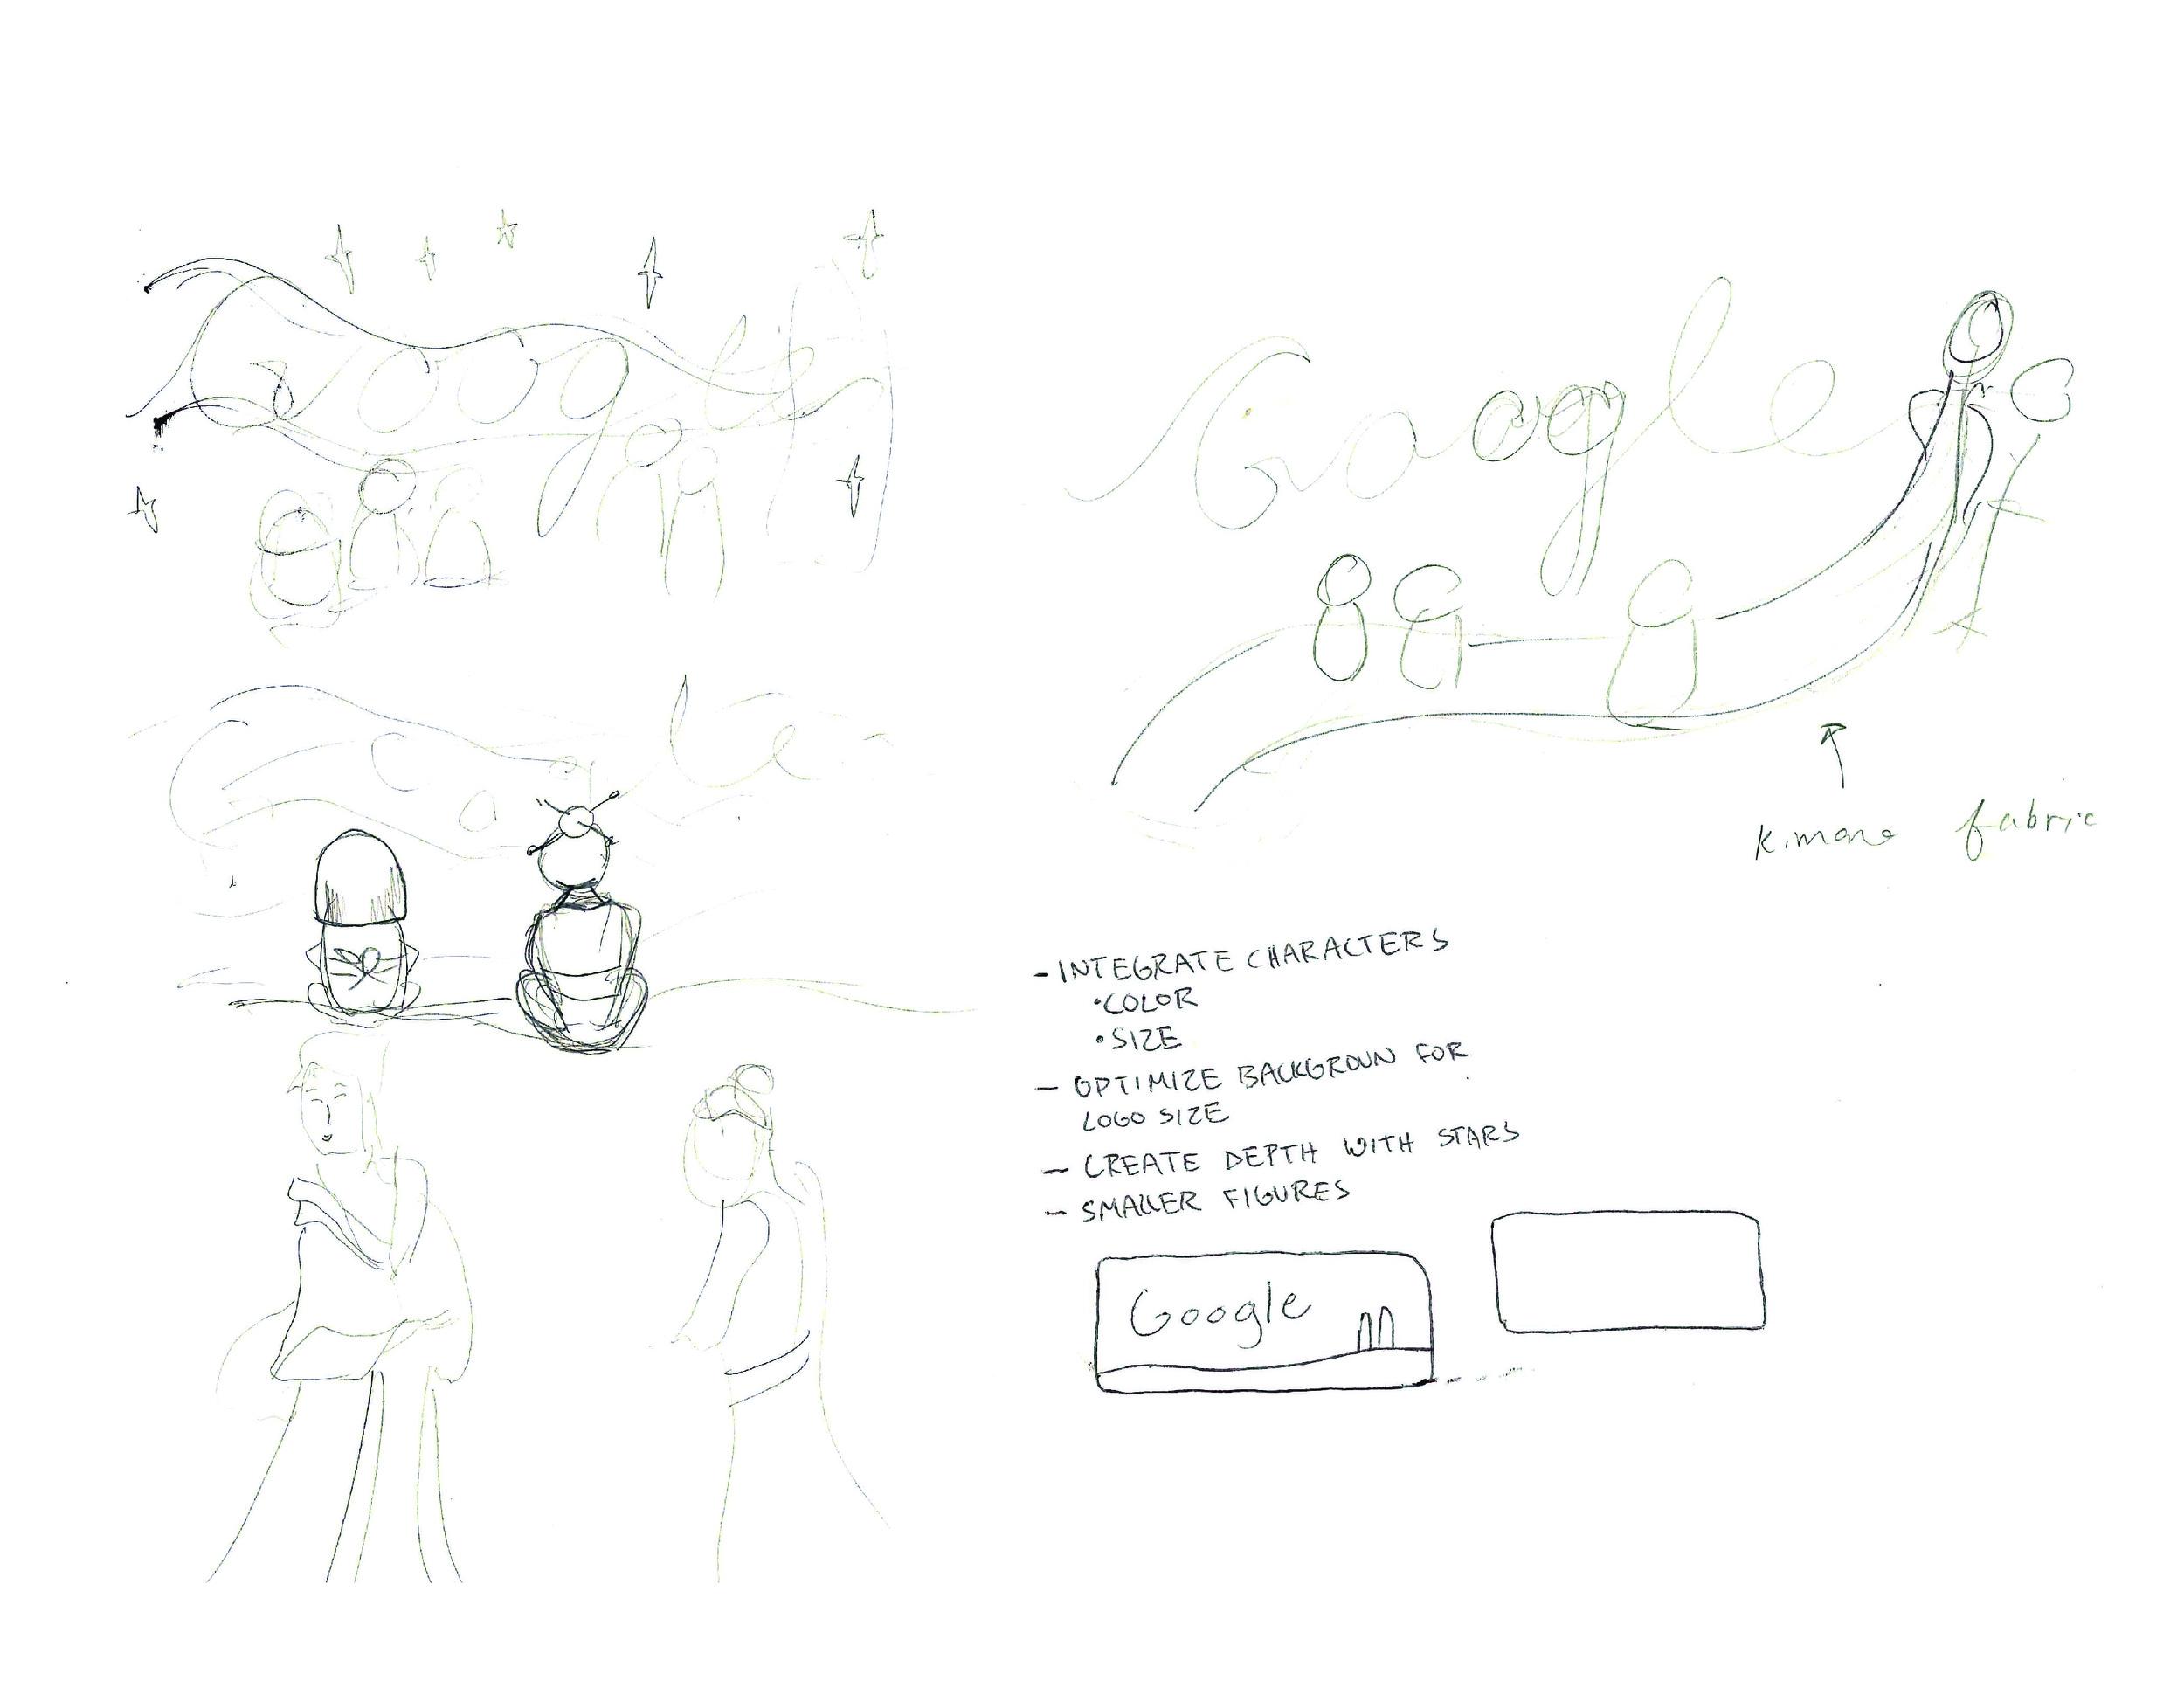 tanabata_sketches-08.jpg